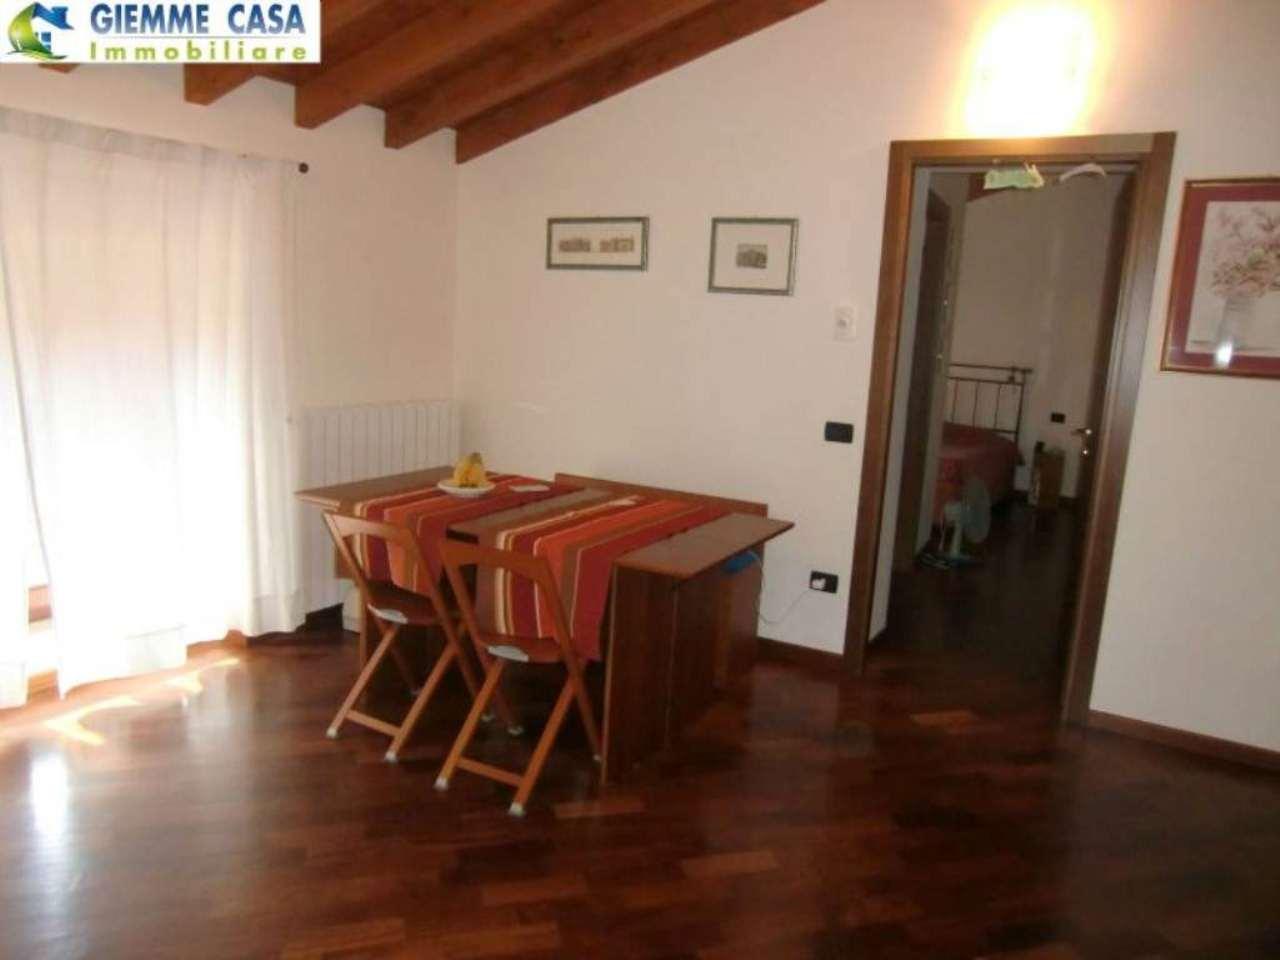 Bilocale Lonato Del Garda Via Montebello 6